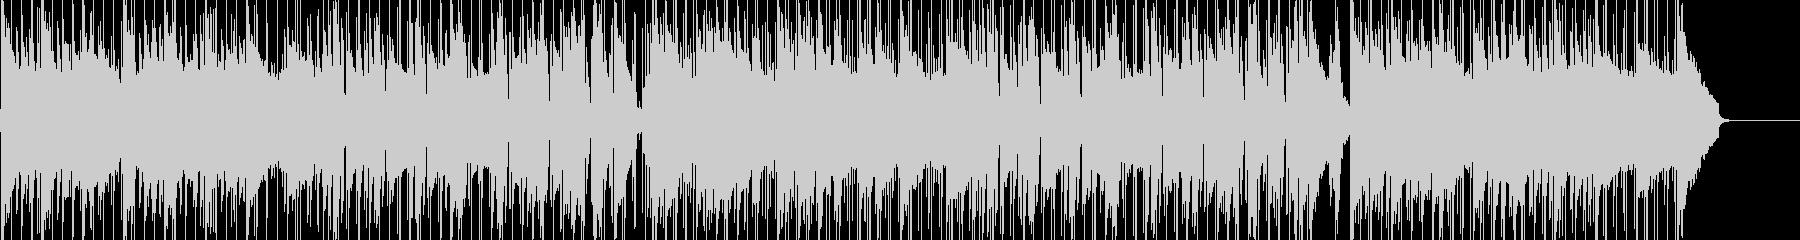 ギターのシンプルなショッピングBGMの未再生の波形